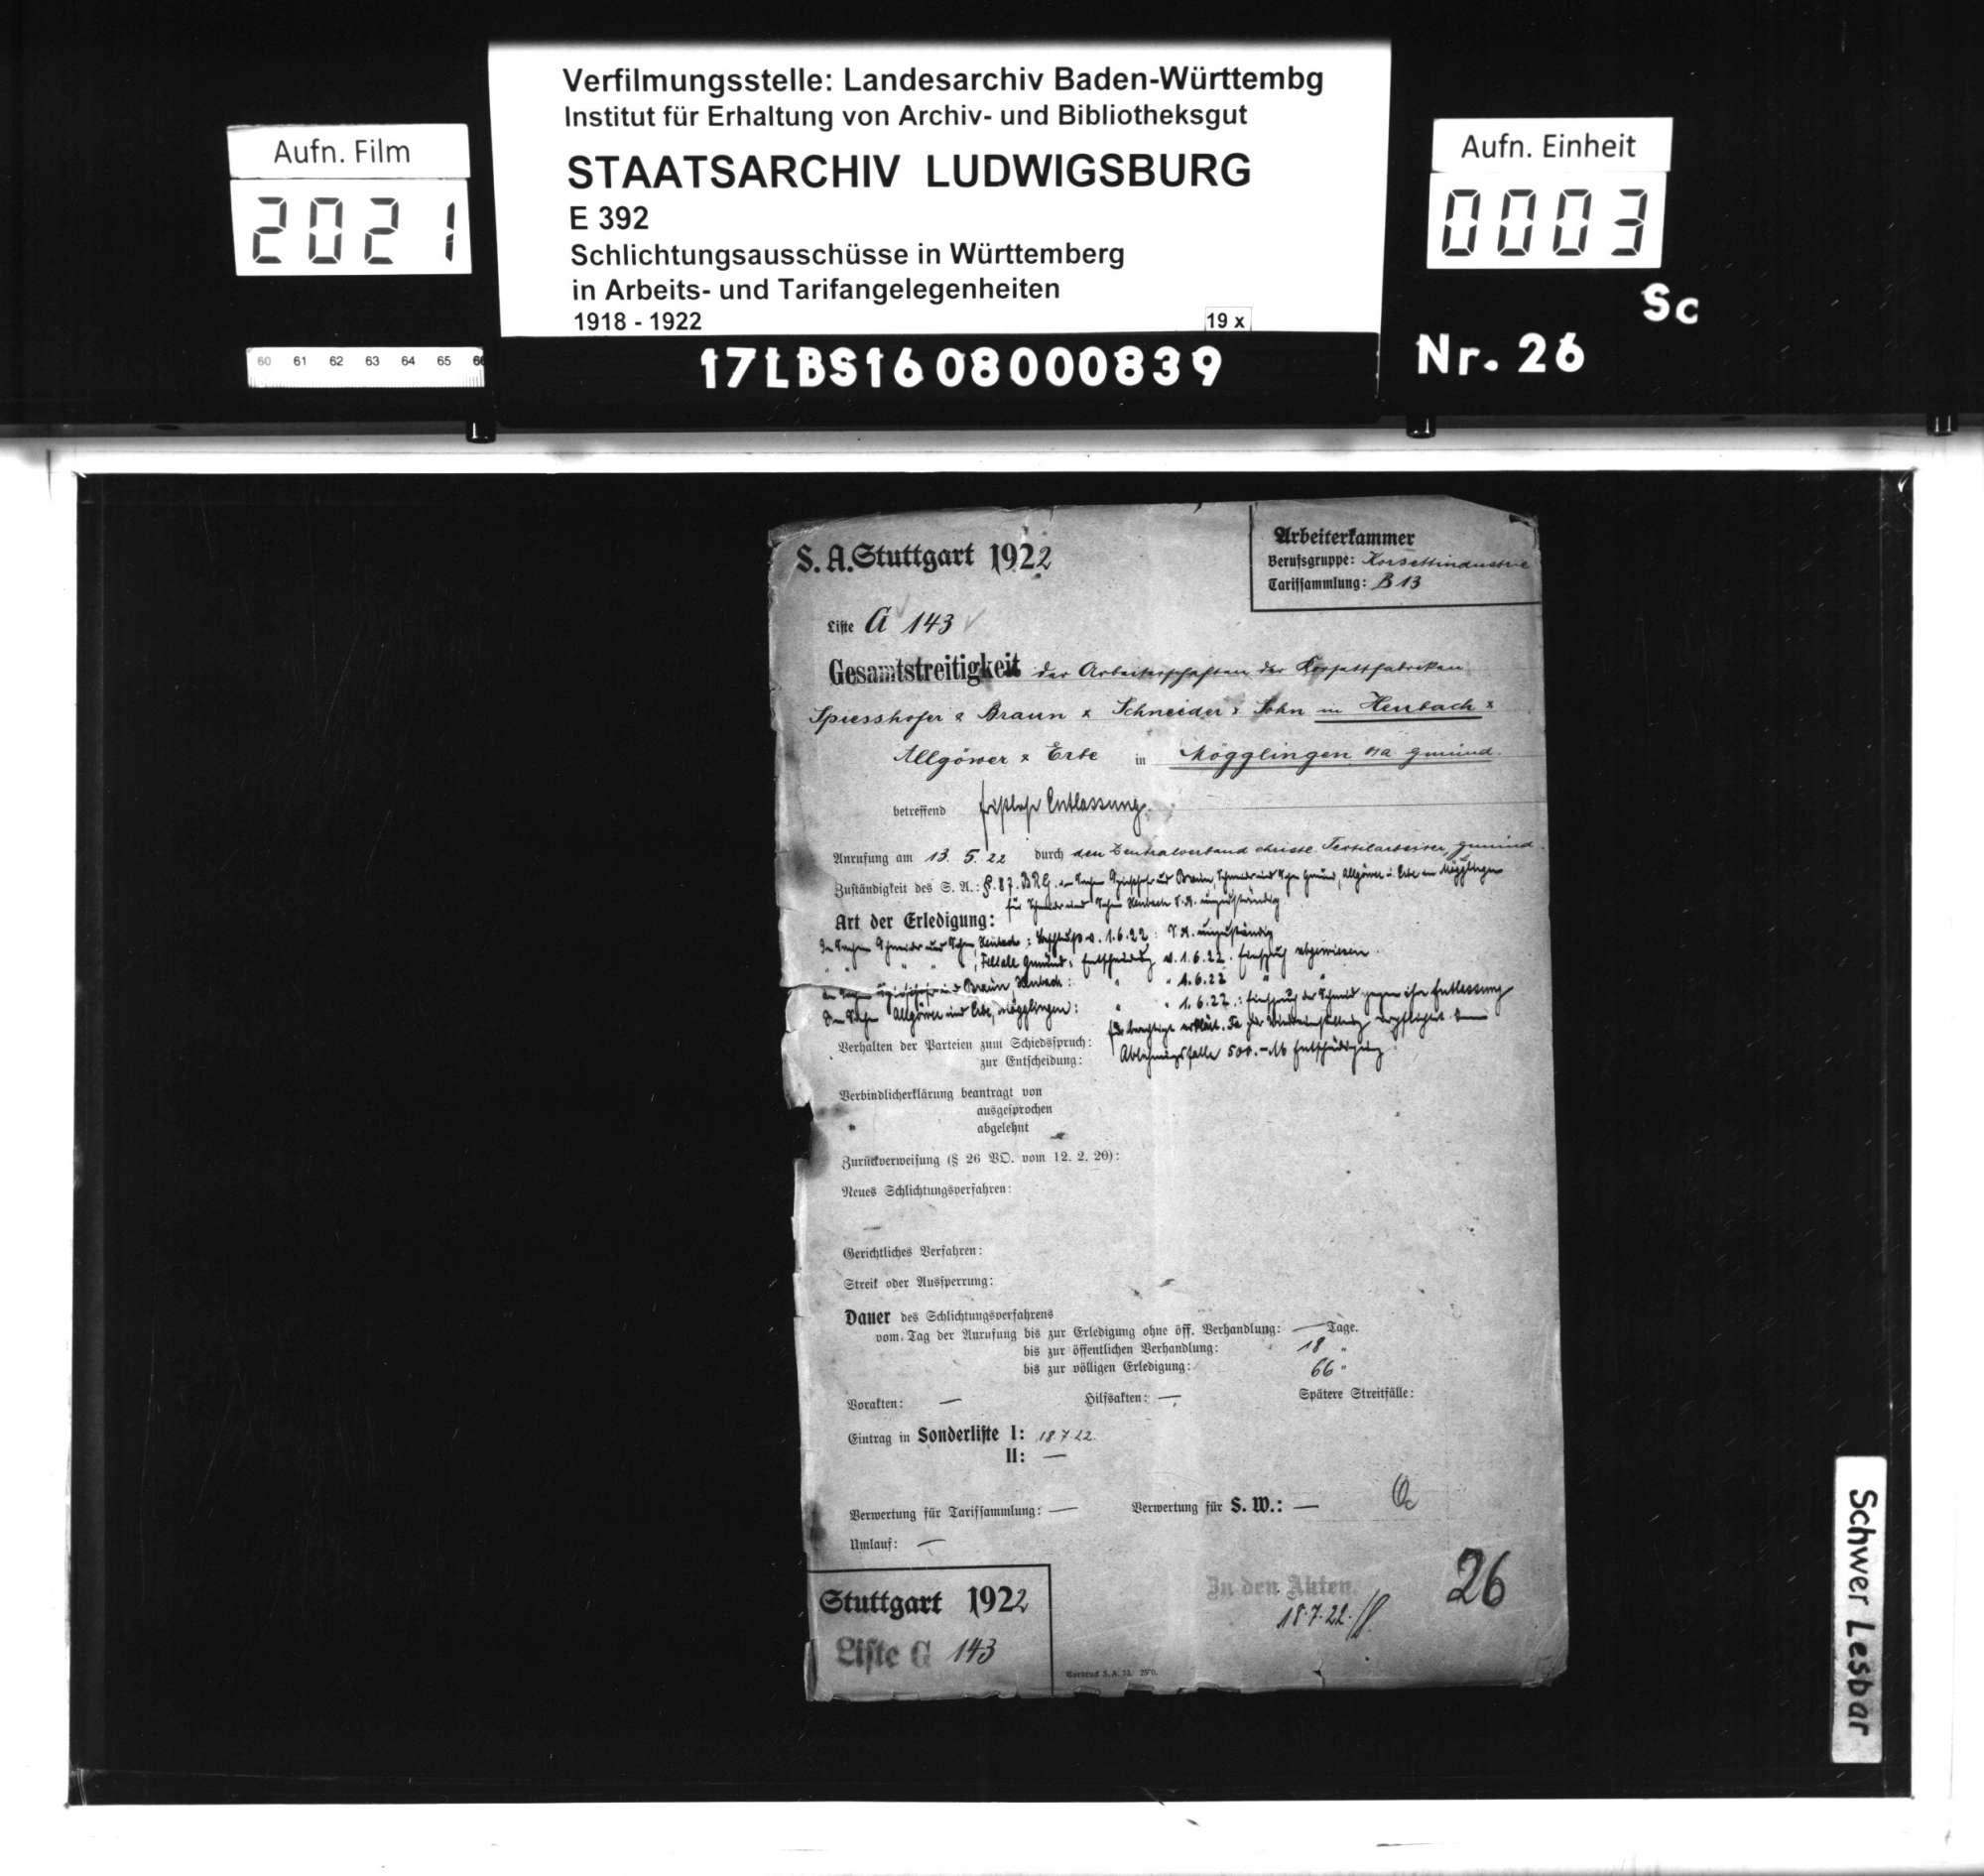 Arbeitsstreitigkeiten zwischen der Arbeiterschaft der Korsettfabriken Spiesshofer & Braun und Schneider & Sohn in Heubach sowie Allgöwer & Erbe, Mögglingen und ihren Betriebsleitungen wegen fristloser Kündigung von Teilen der Arbeiterschaft, Bild 1